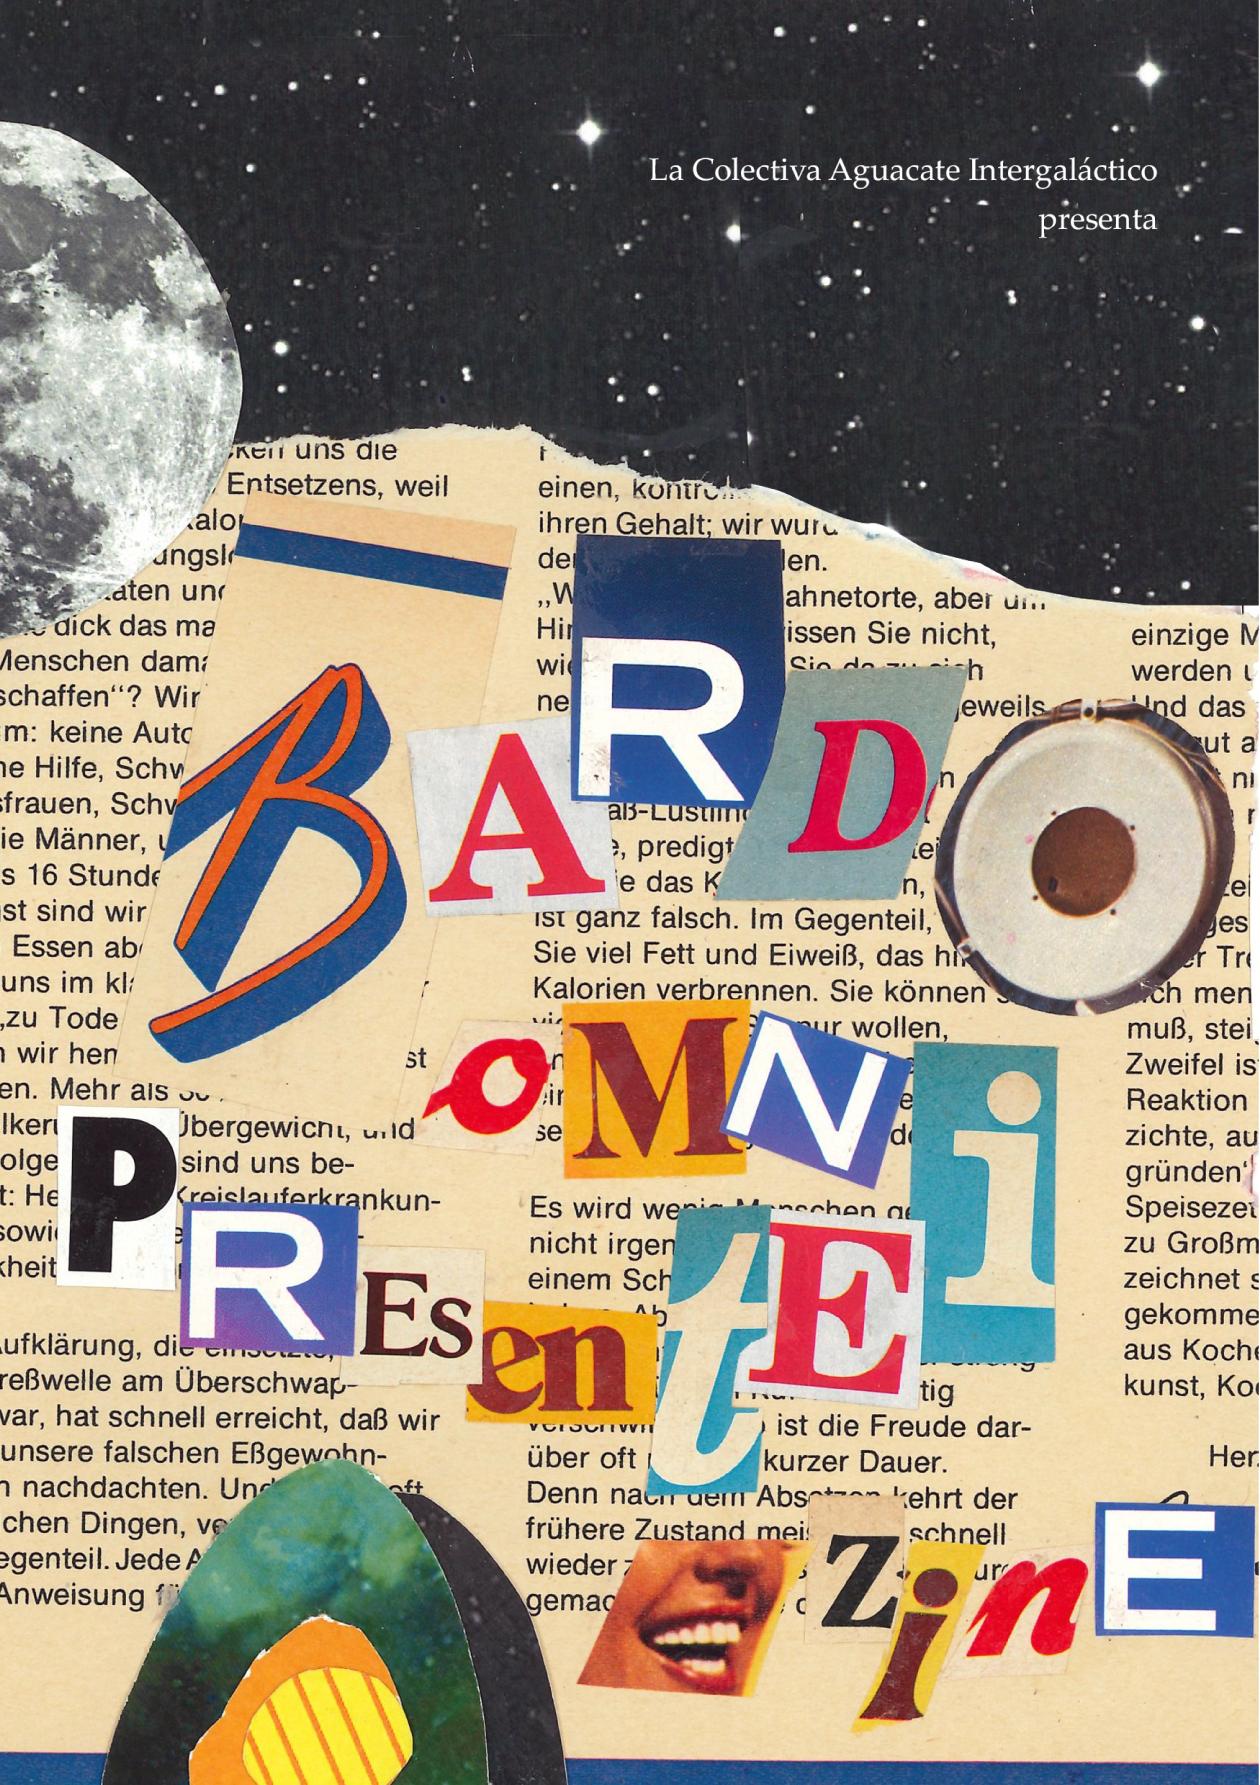 bardo1